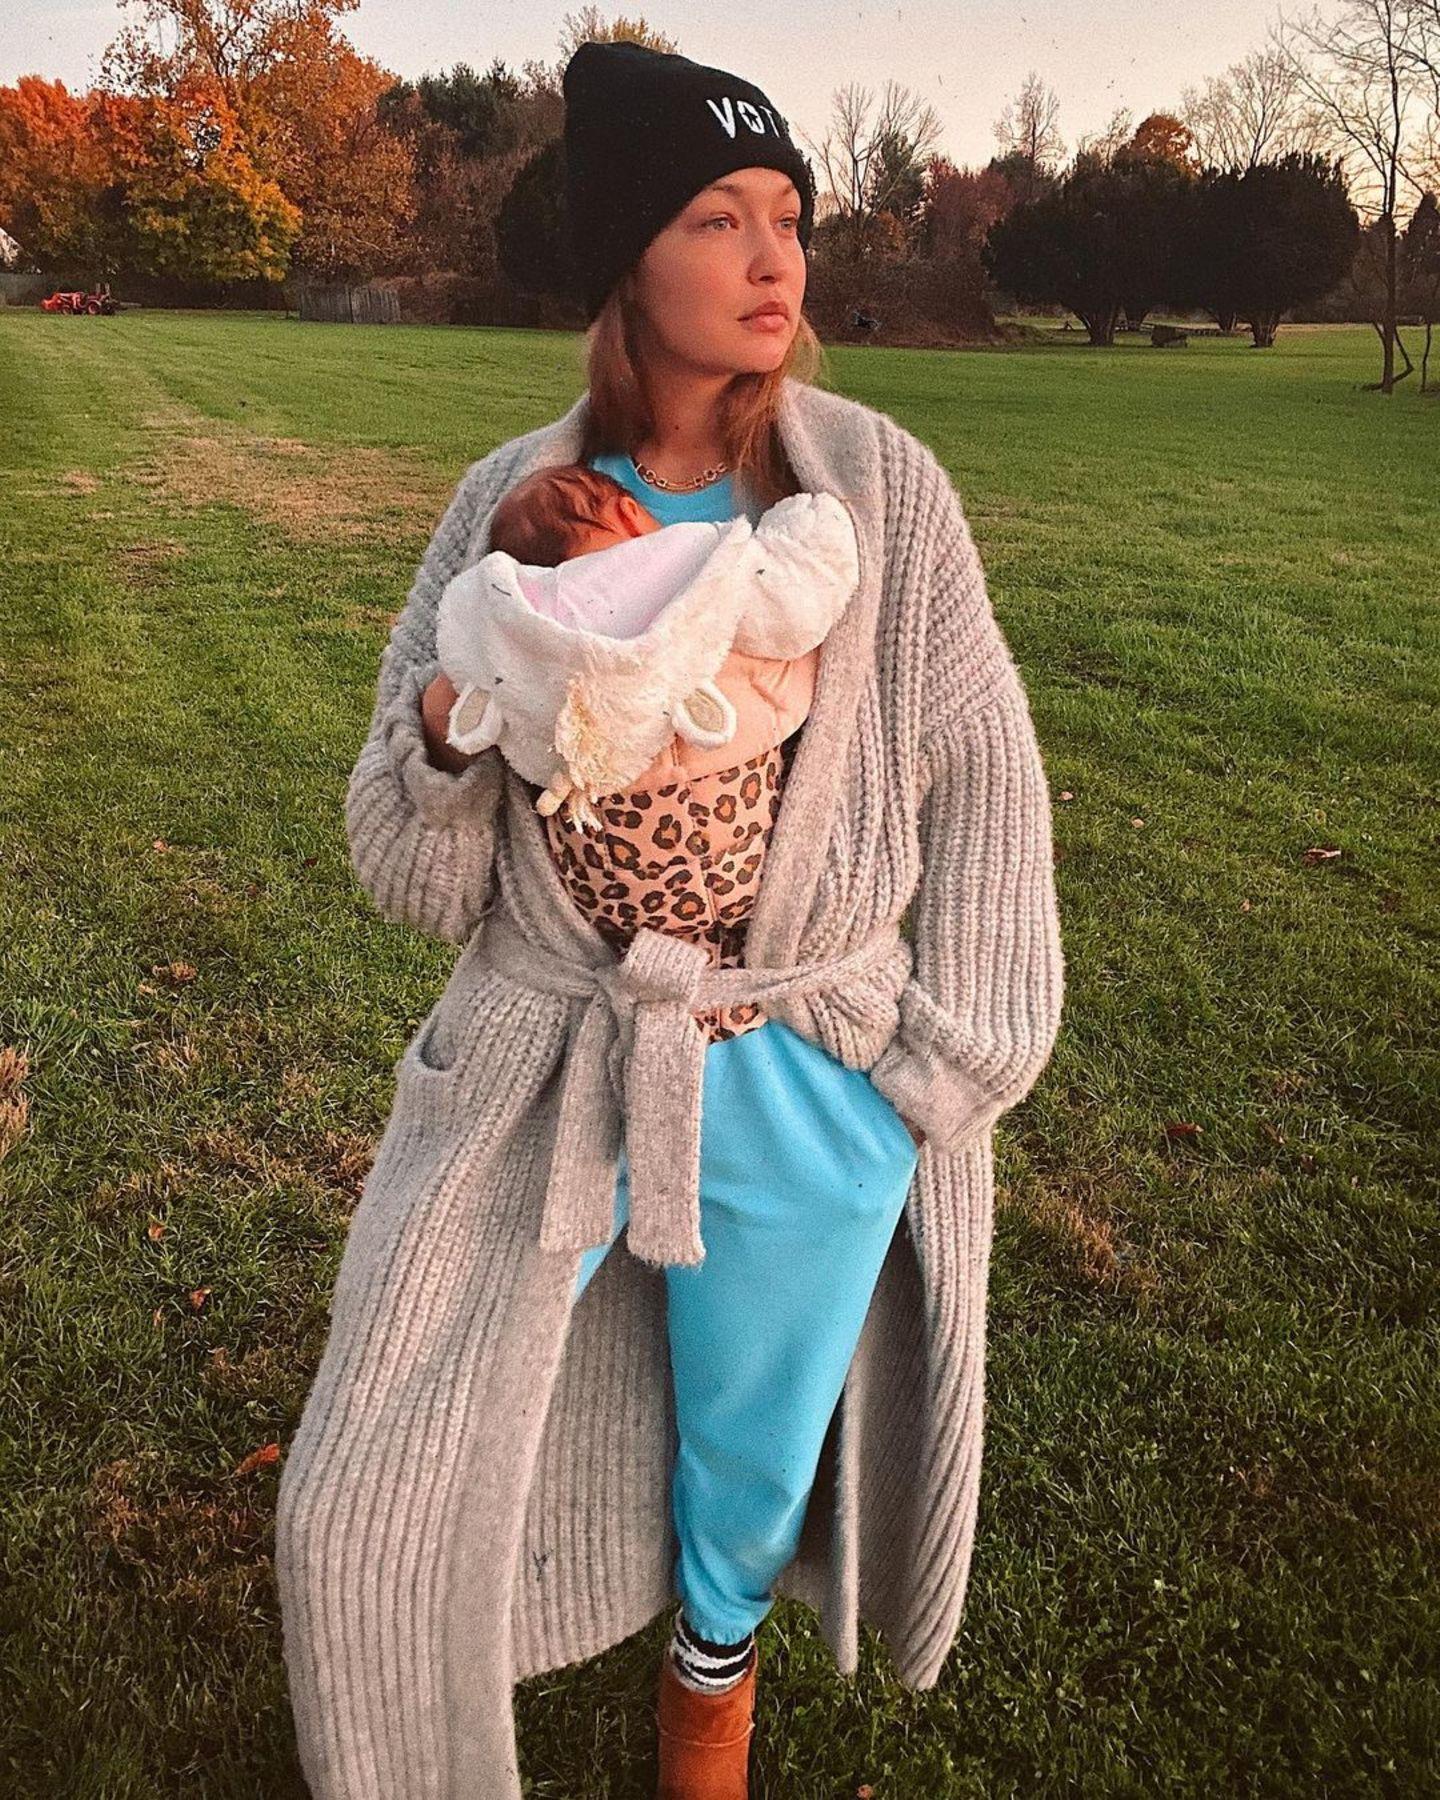 Knapp zwei Monate nach der Geburt ihrer Tochter zeigt sich Gigi ganz casual in Jogginganzug und kuscheligem Cardigan. Ihre Figur scheint unter dem bequemen Lagenlook so schlank wie vor der Schwangerschaft. Während sie in ihrem Instagrampost stolz von ihrer Weihnachtsdeko berichtet, haben ihre Follower jedoch nur Augen für ihre Kleine und überschütten ihren Post mit Herzaugenemojis.